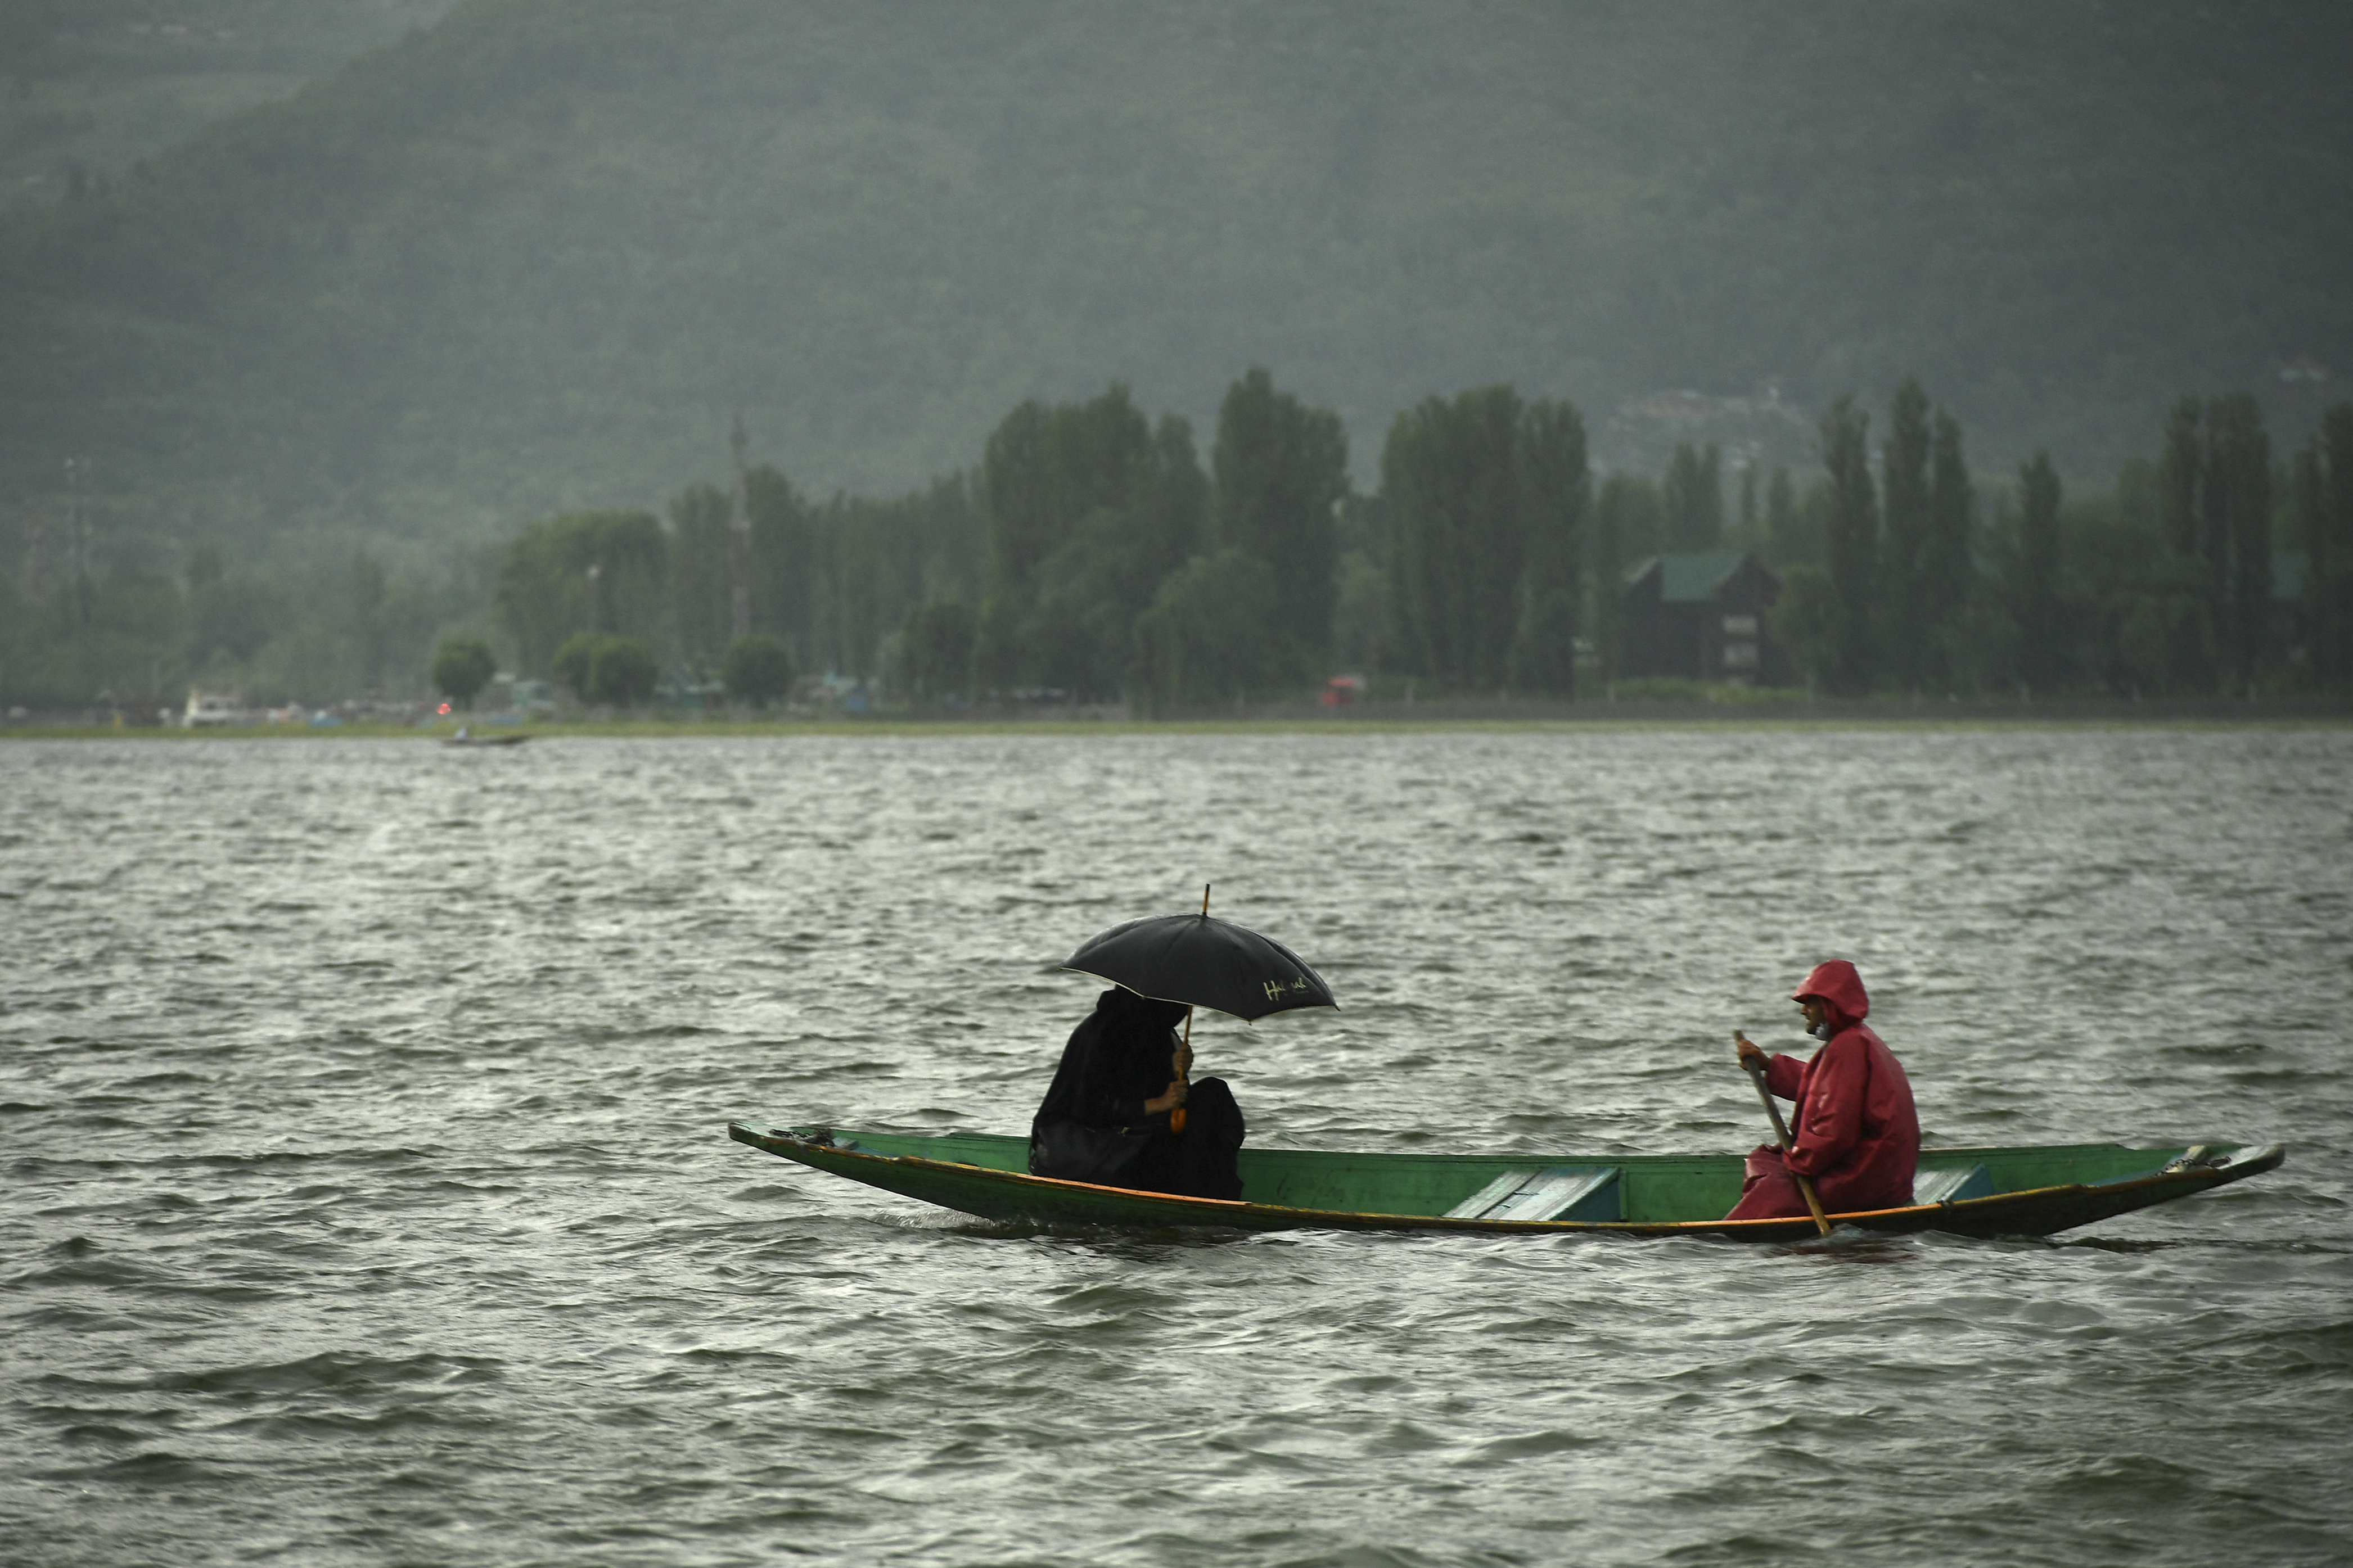 (Foto: Tausef Mustafa / AFP)